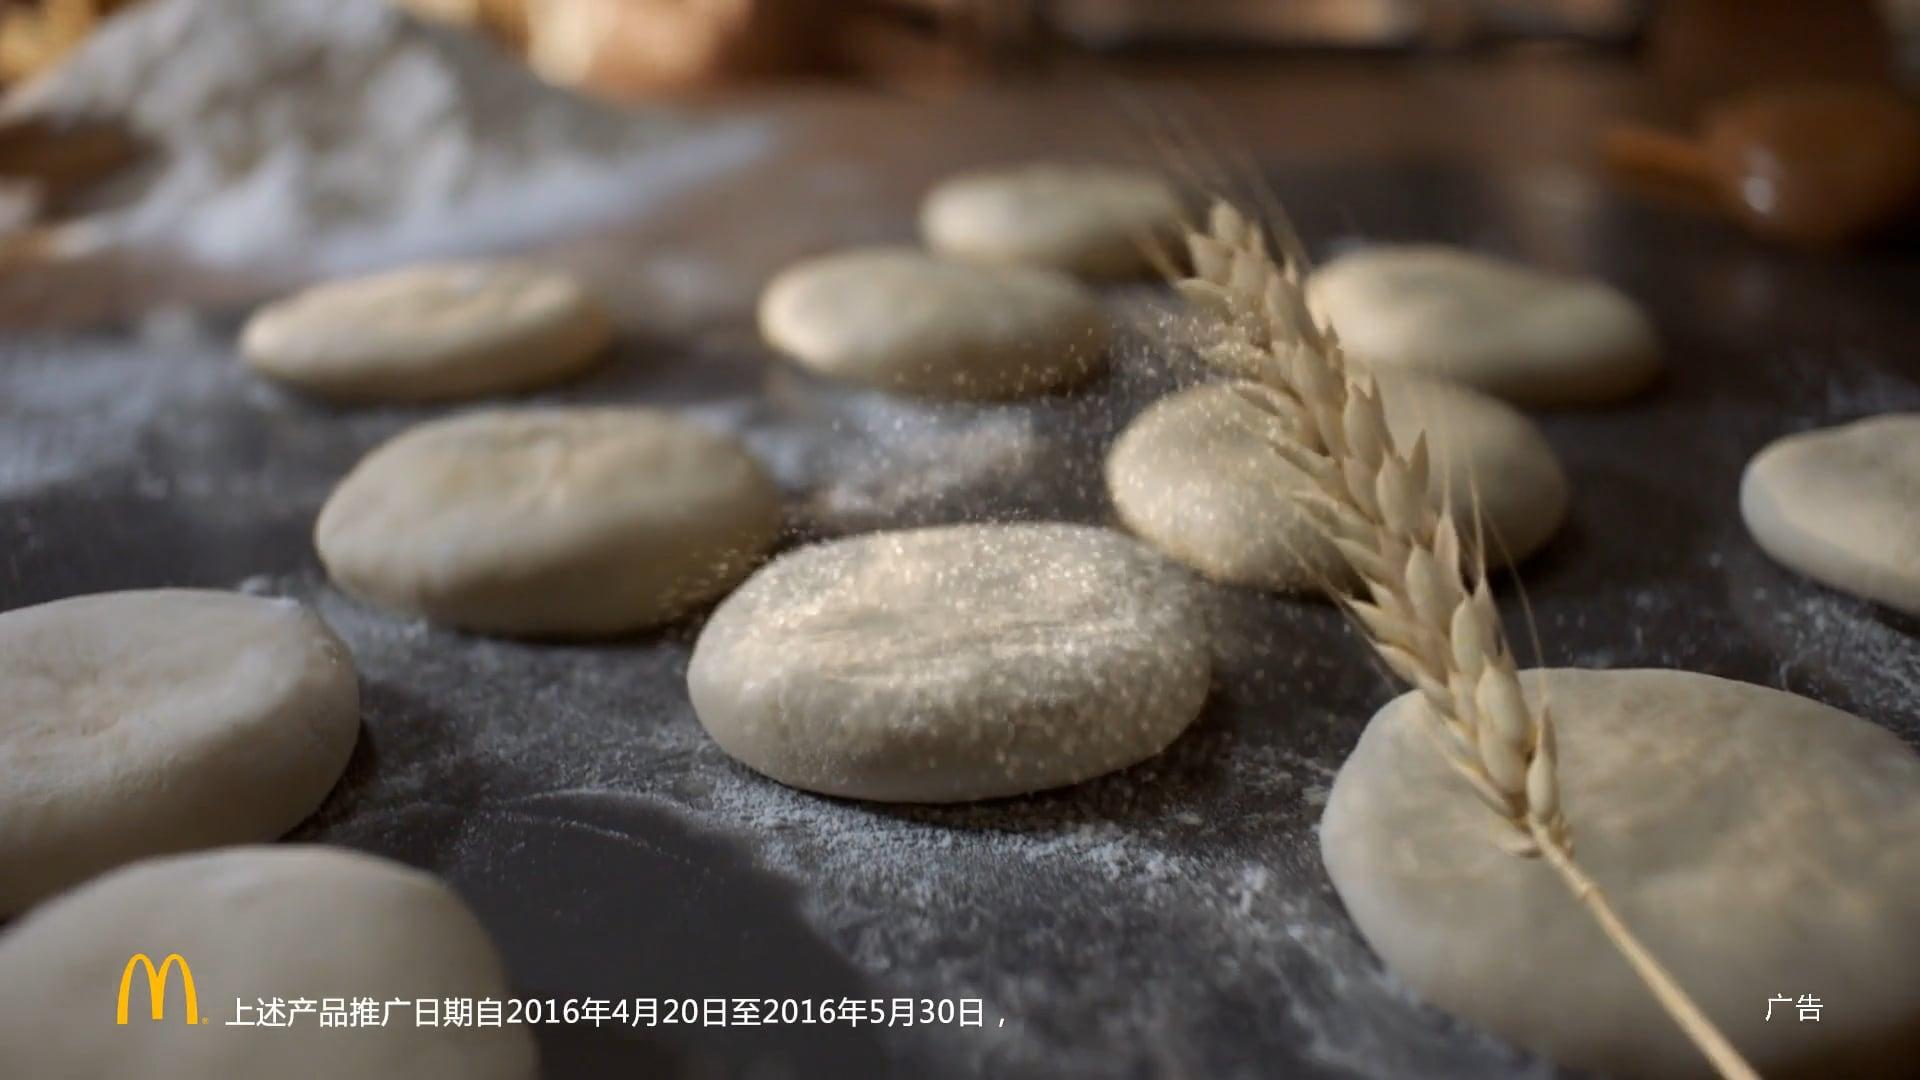 Avi Karpick-MCDONALDS - Muffins